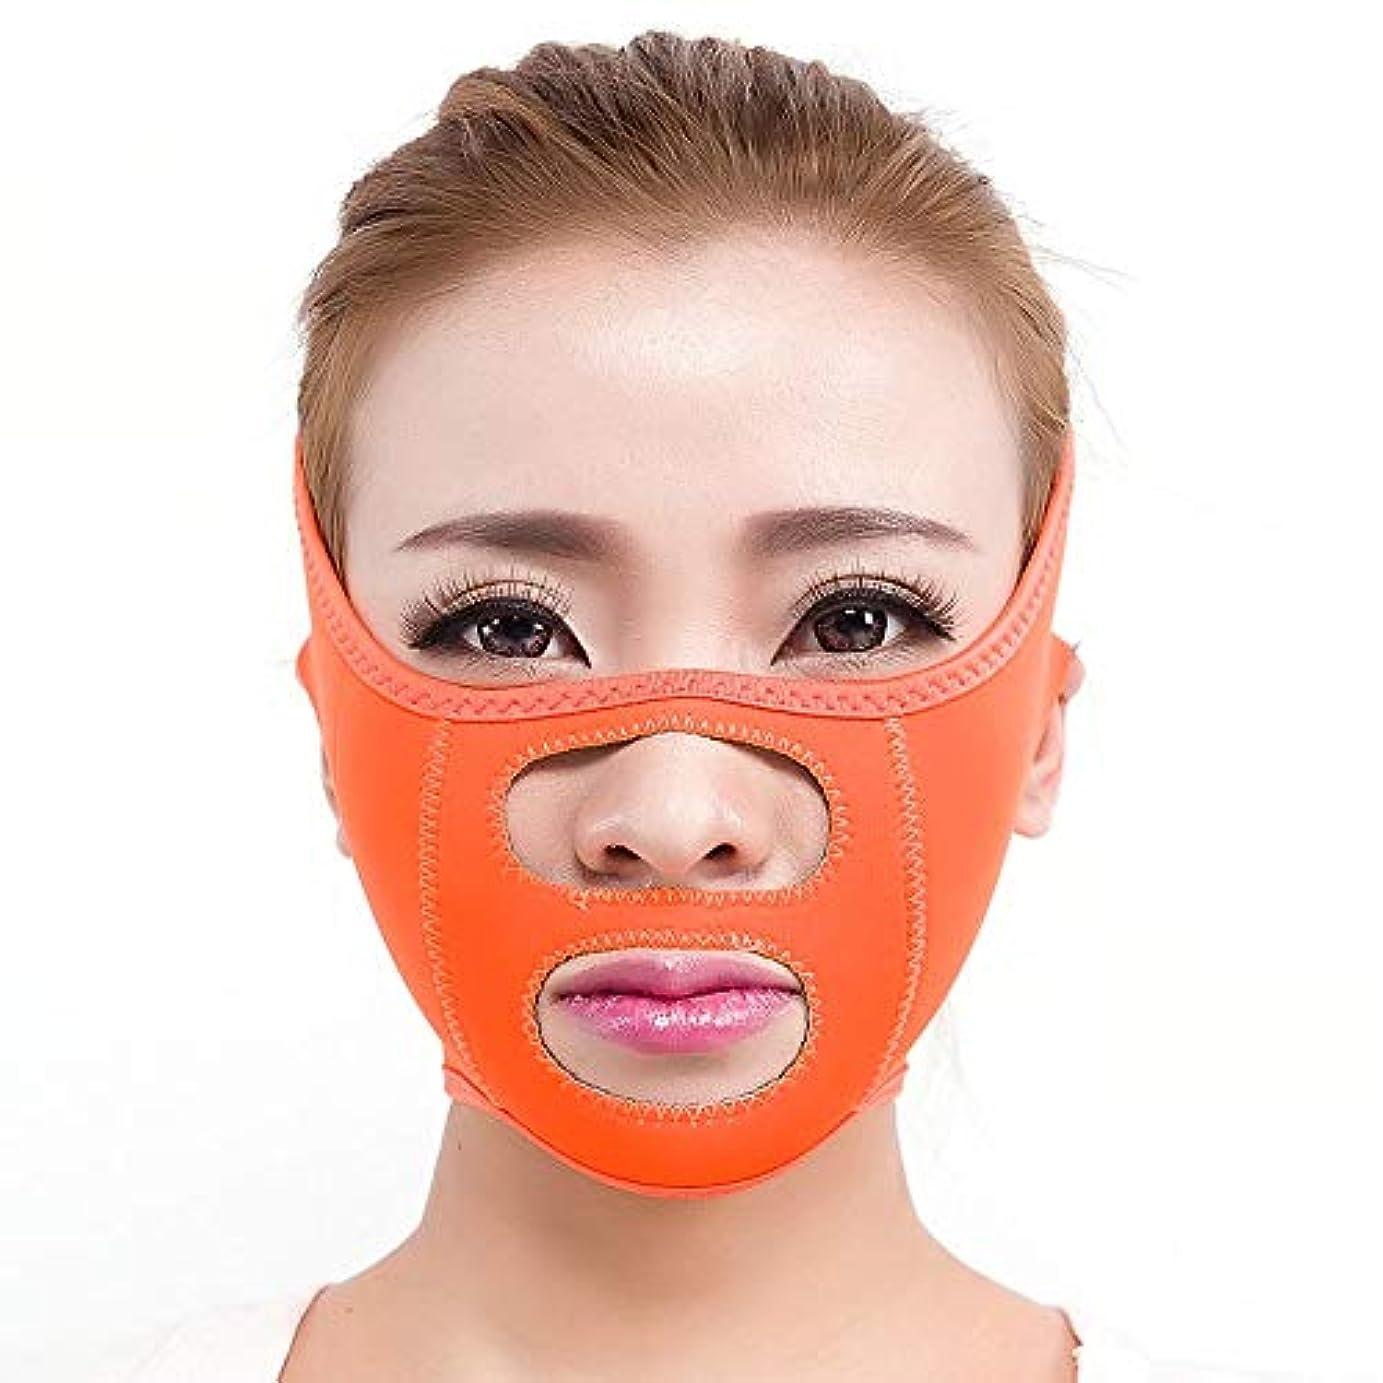 織機一生場所GYZ シンフェイスマスクシンフェイス包帯シンフェイスアーティファクトシンフェイスフェイシャルリフティングシンフェイススモールVフェイススリープシンフェイスベルト Thin Face Belt (Color : A)